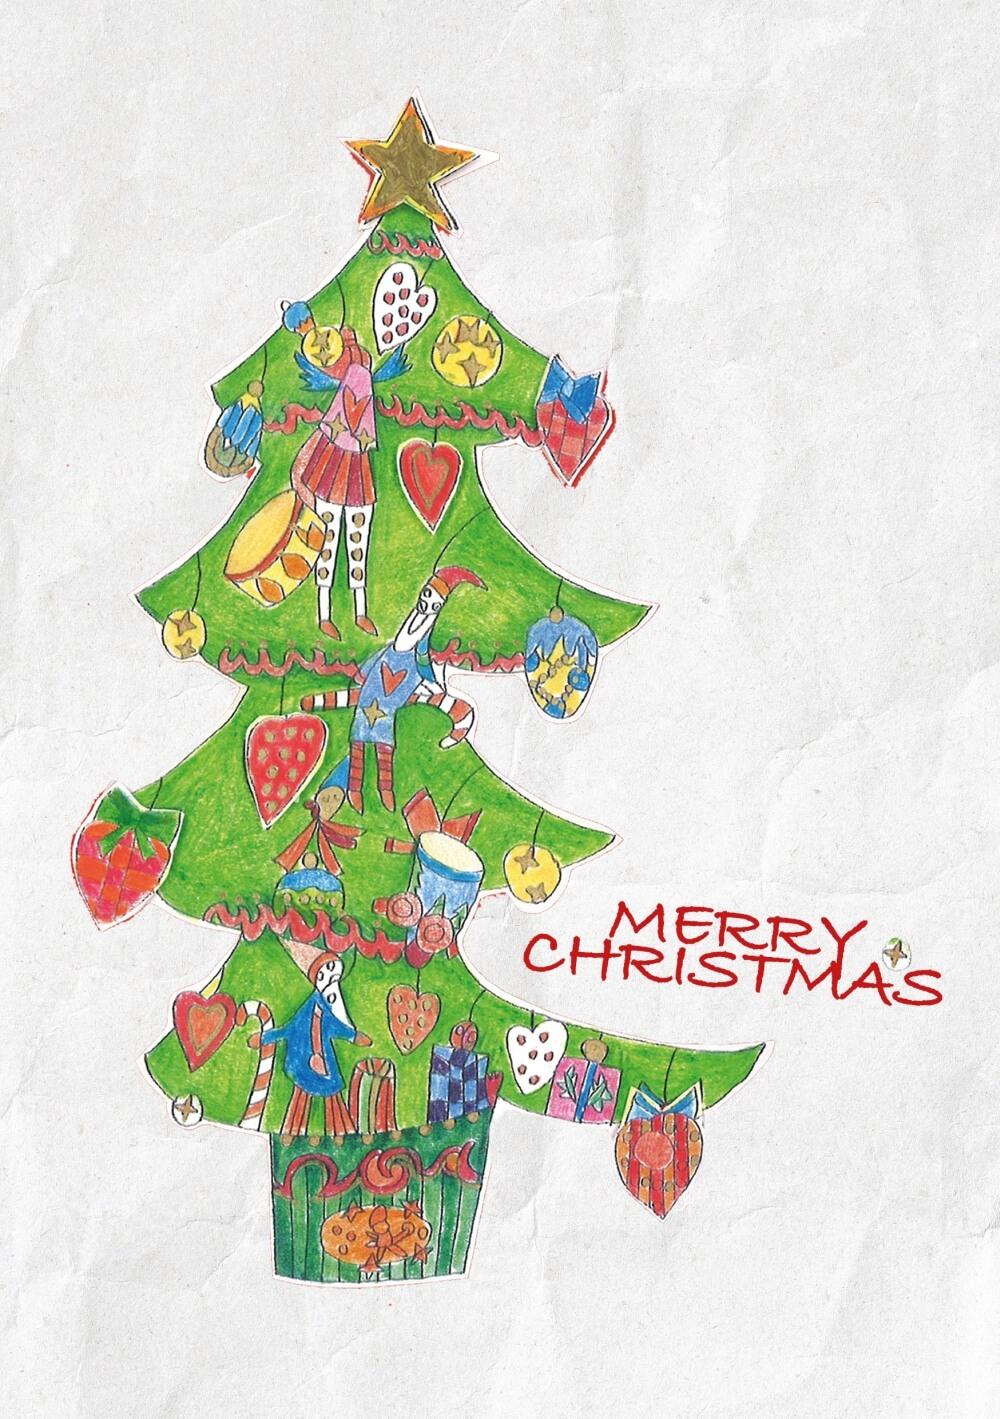 Ein bunt geschmückter Weihnachtsbaum.